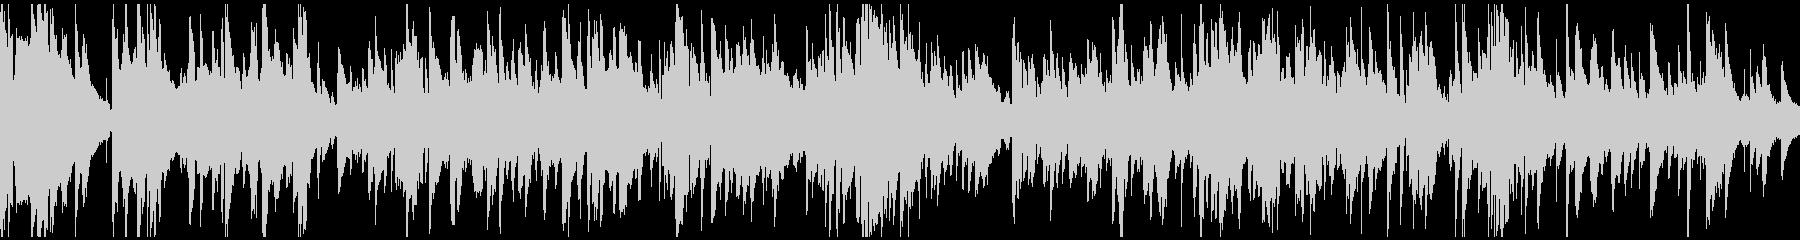 少し下品なエロい音色のサックス※ループ版の未再生の波形